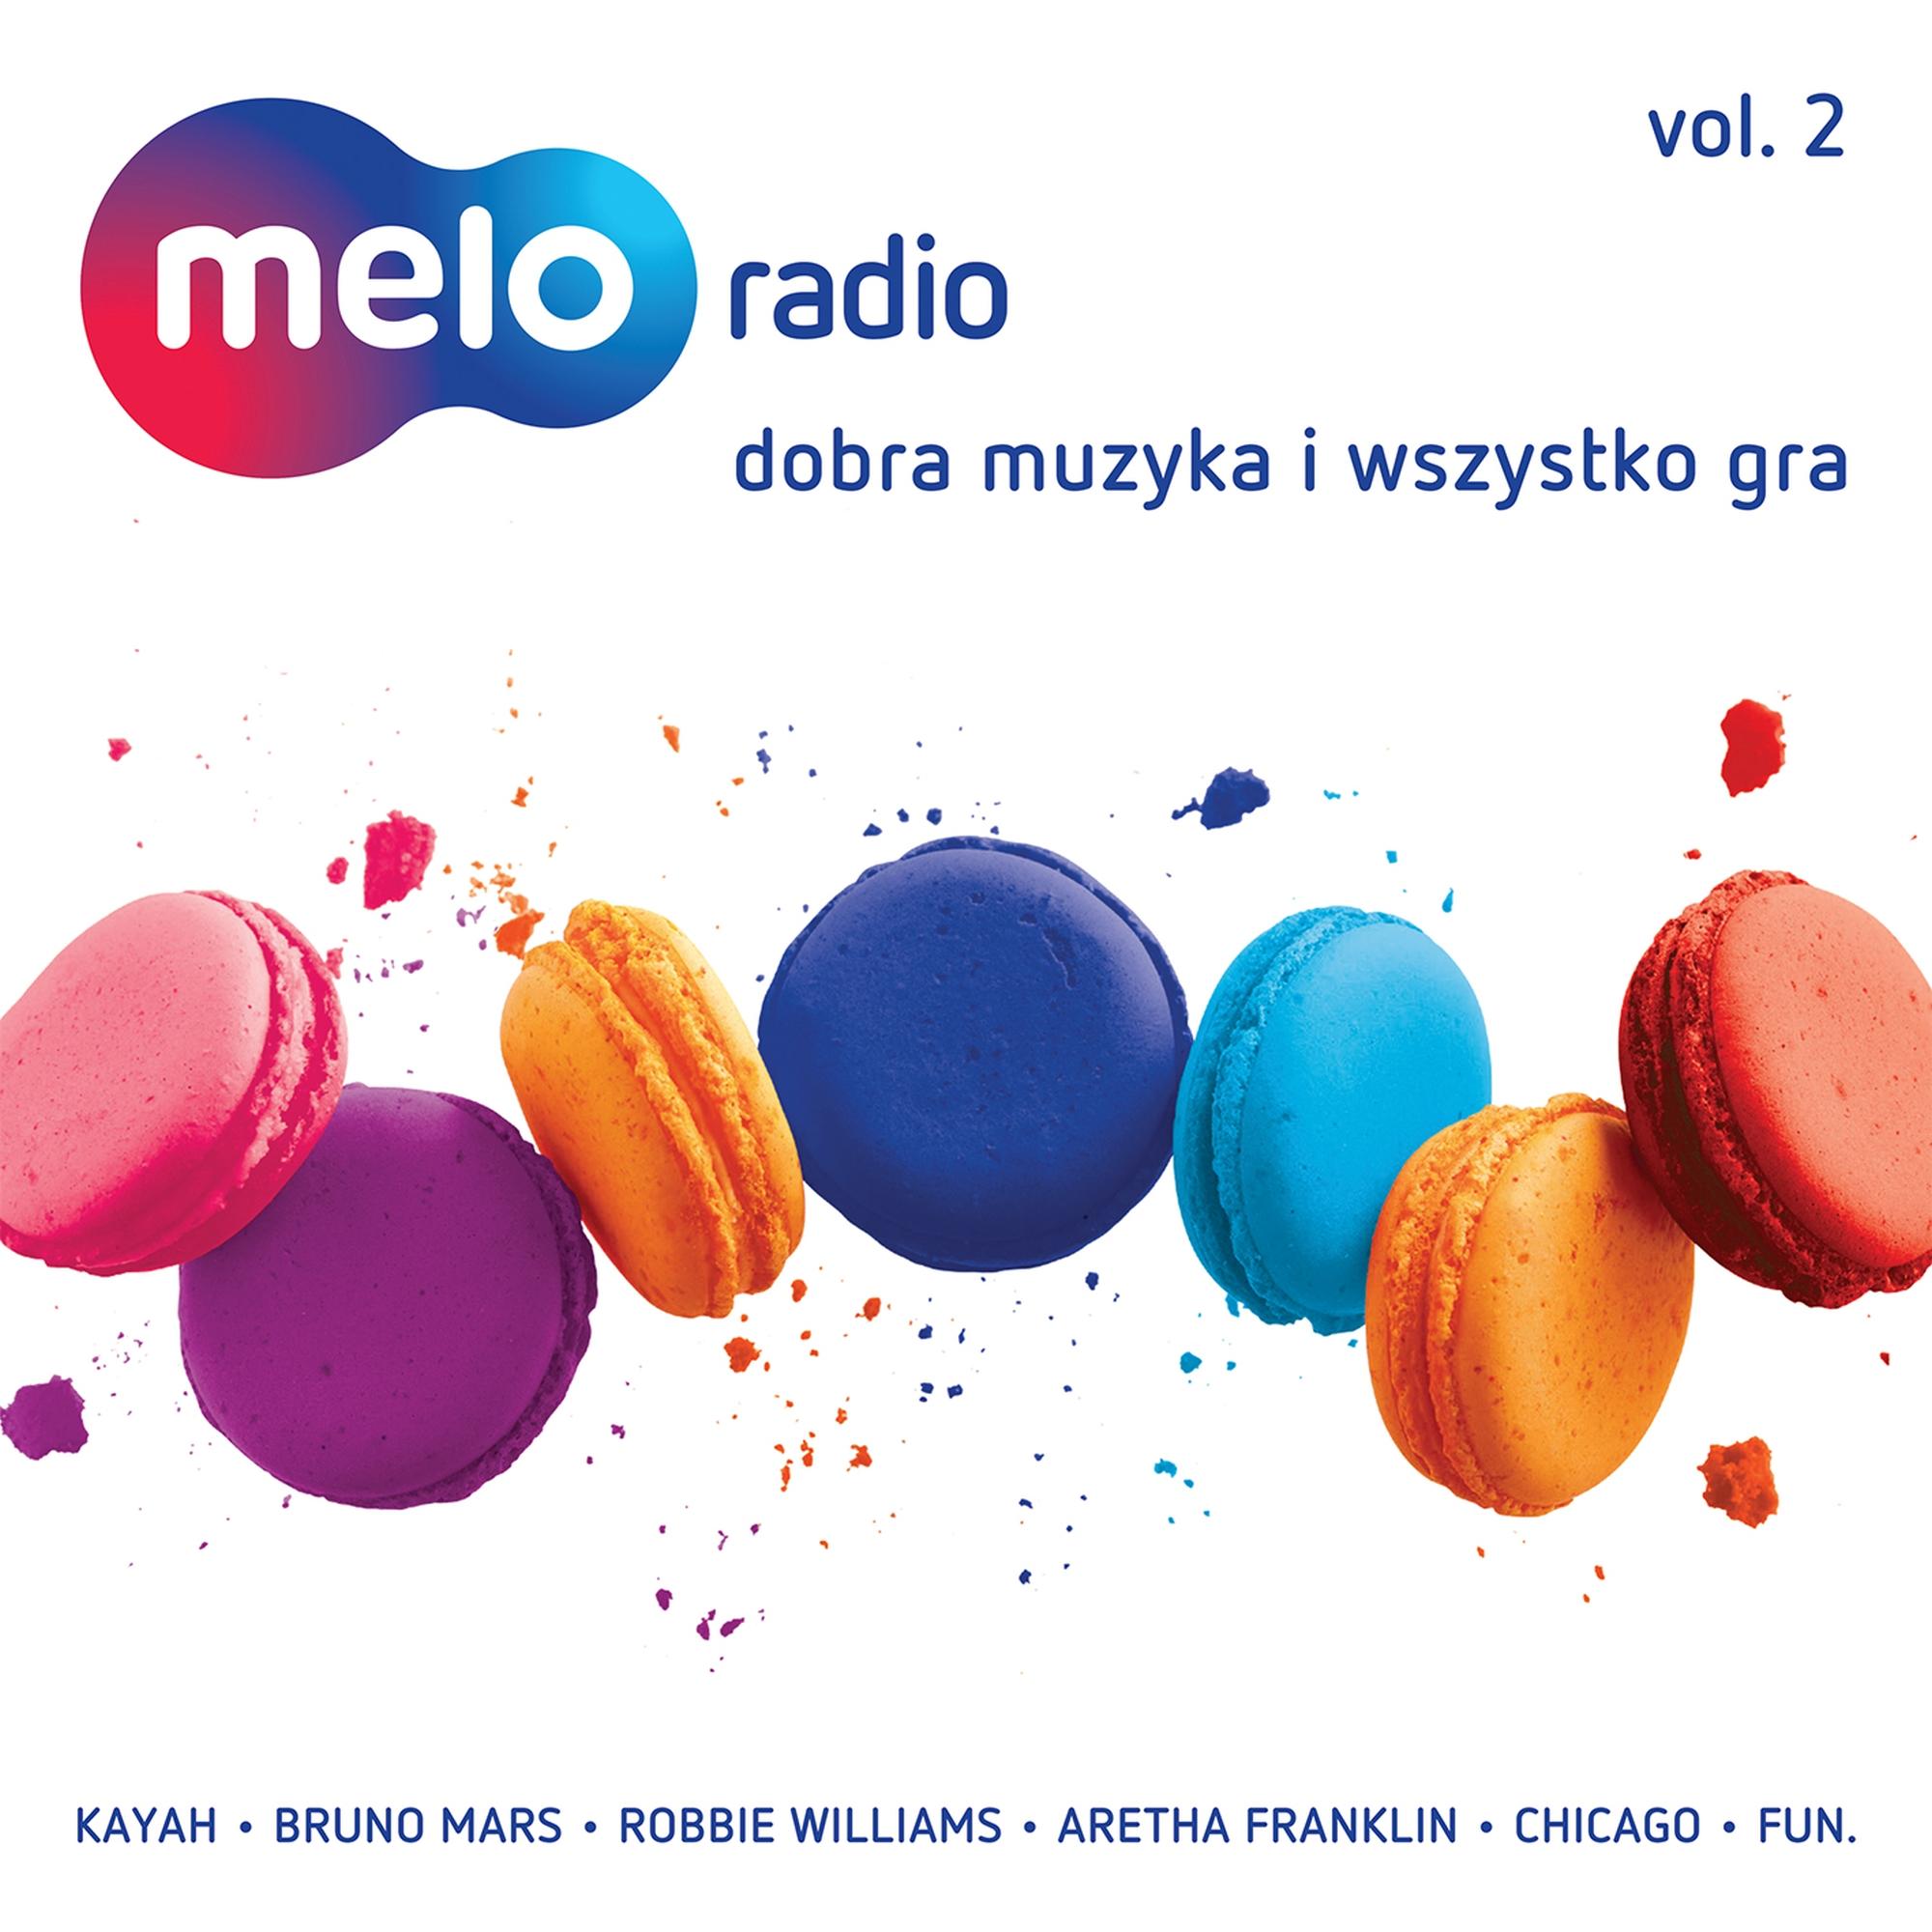 Meloradio - Dobra muzyka i wszystko gra 0190295640750 - cover 300dpi